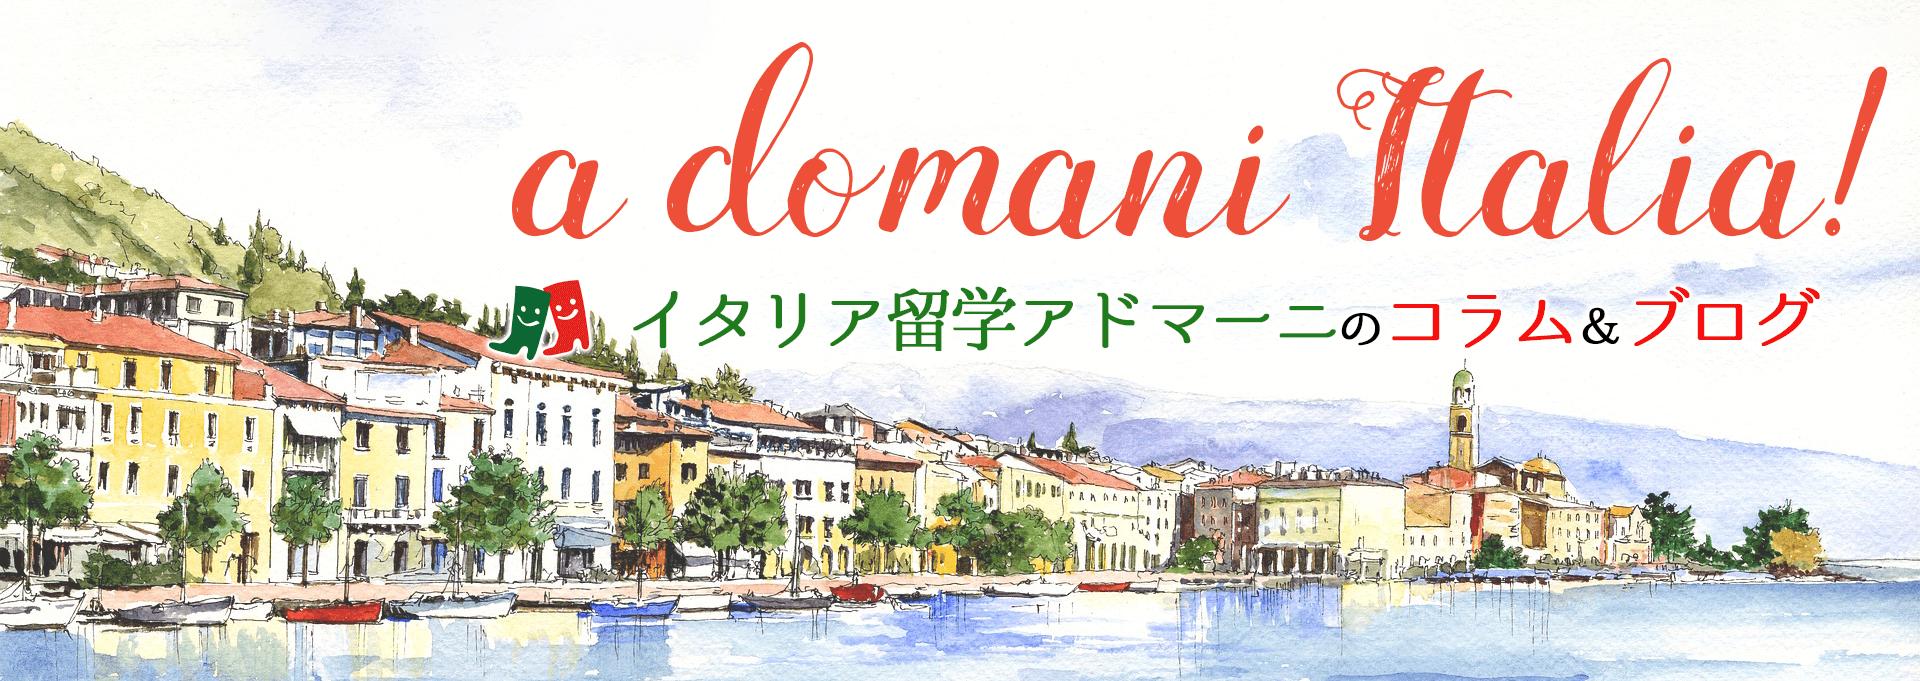 イタリア留学アドマーニのニュース&ブログ《a domani Italia!》